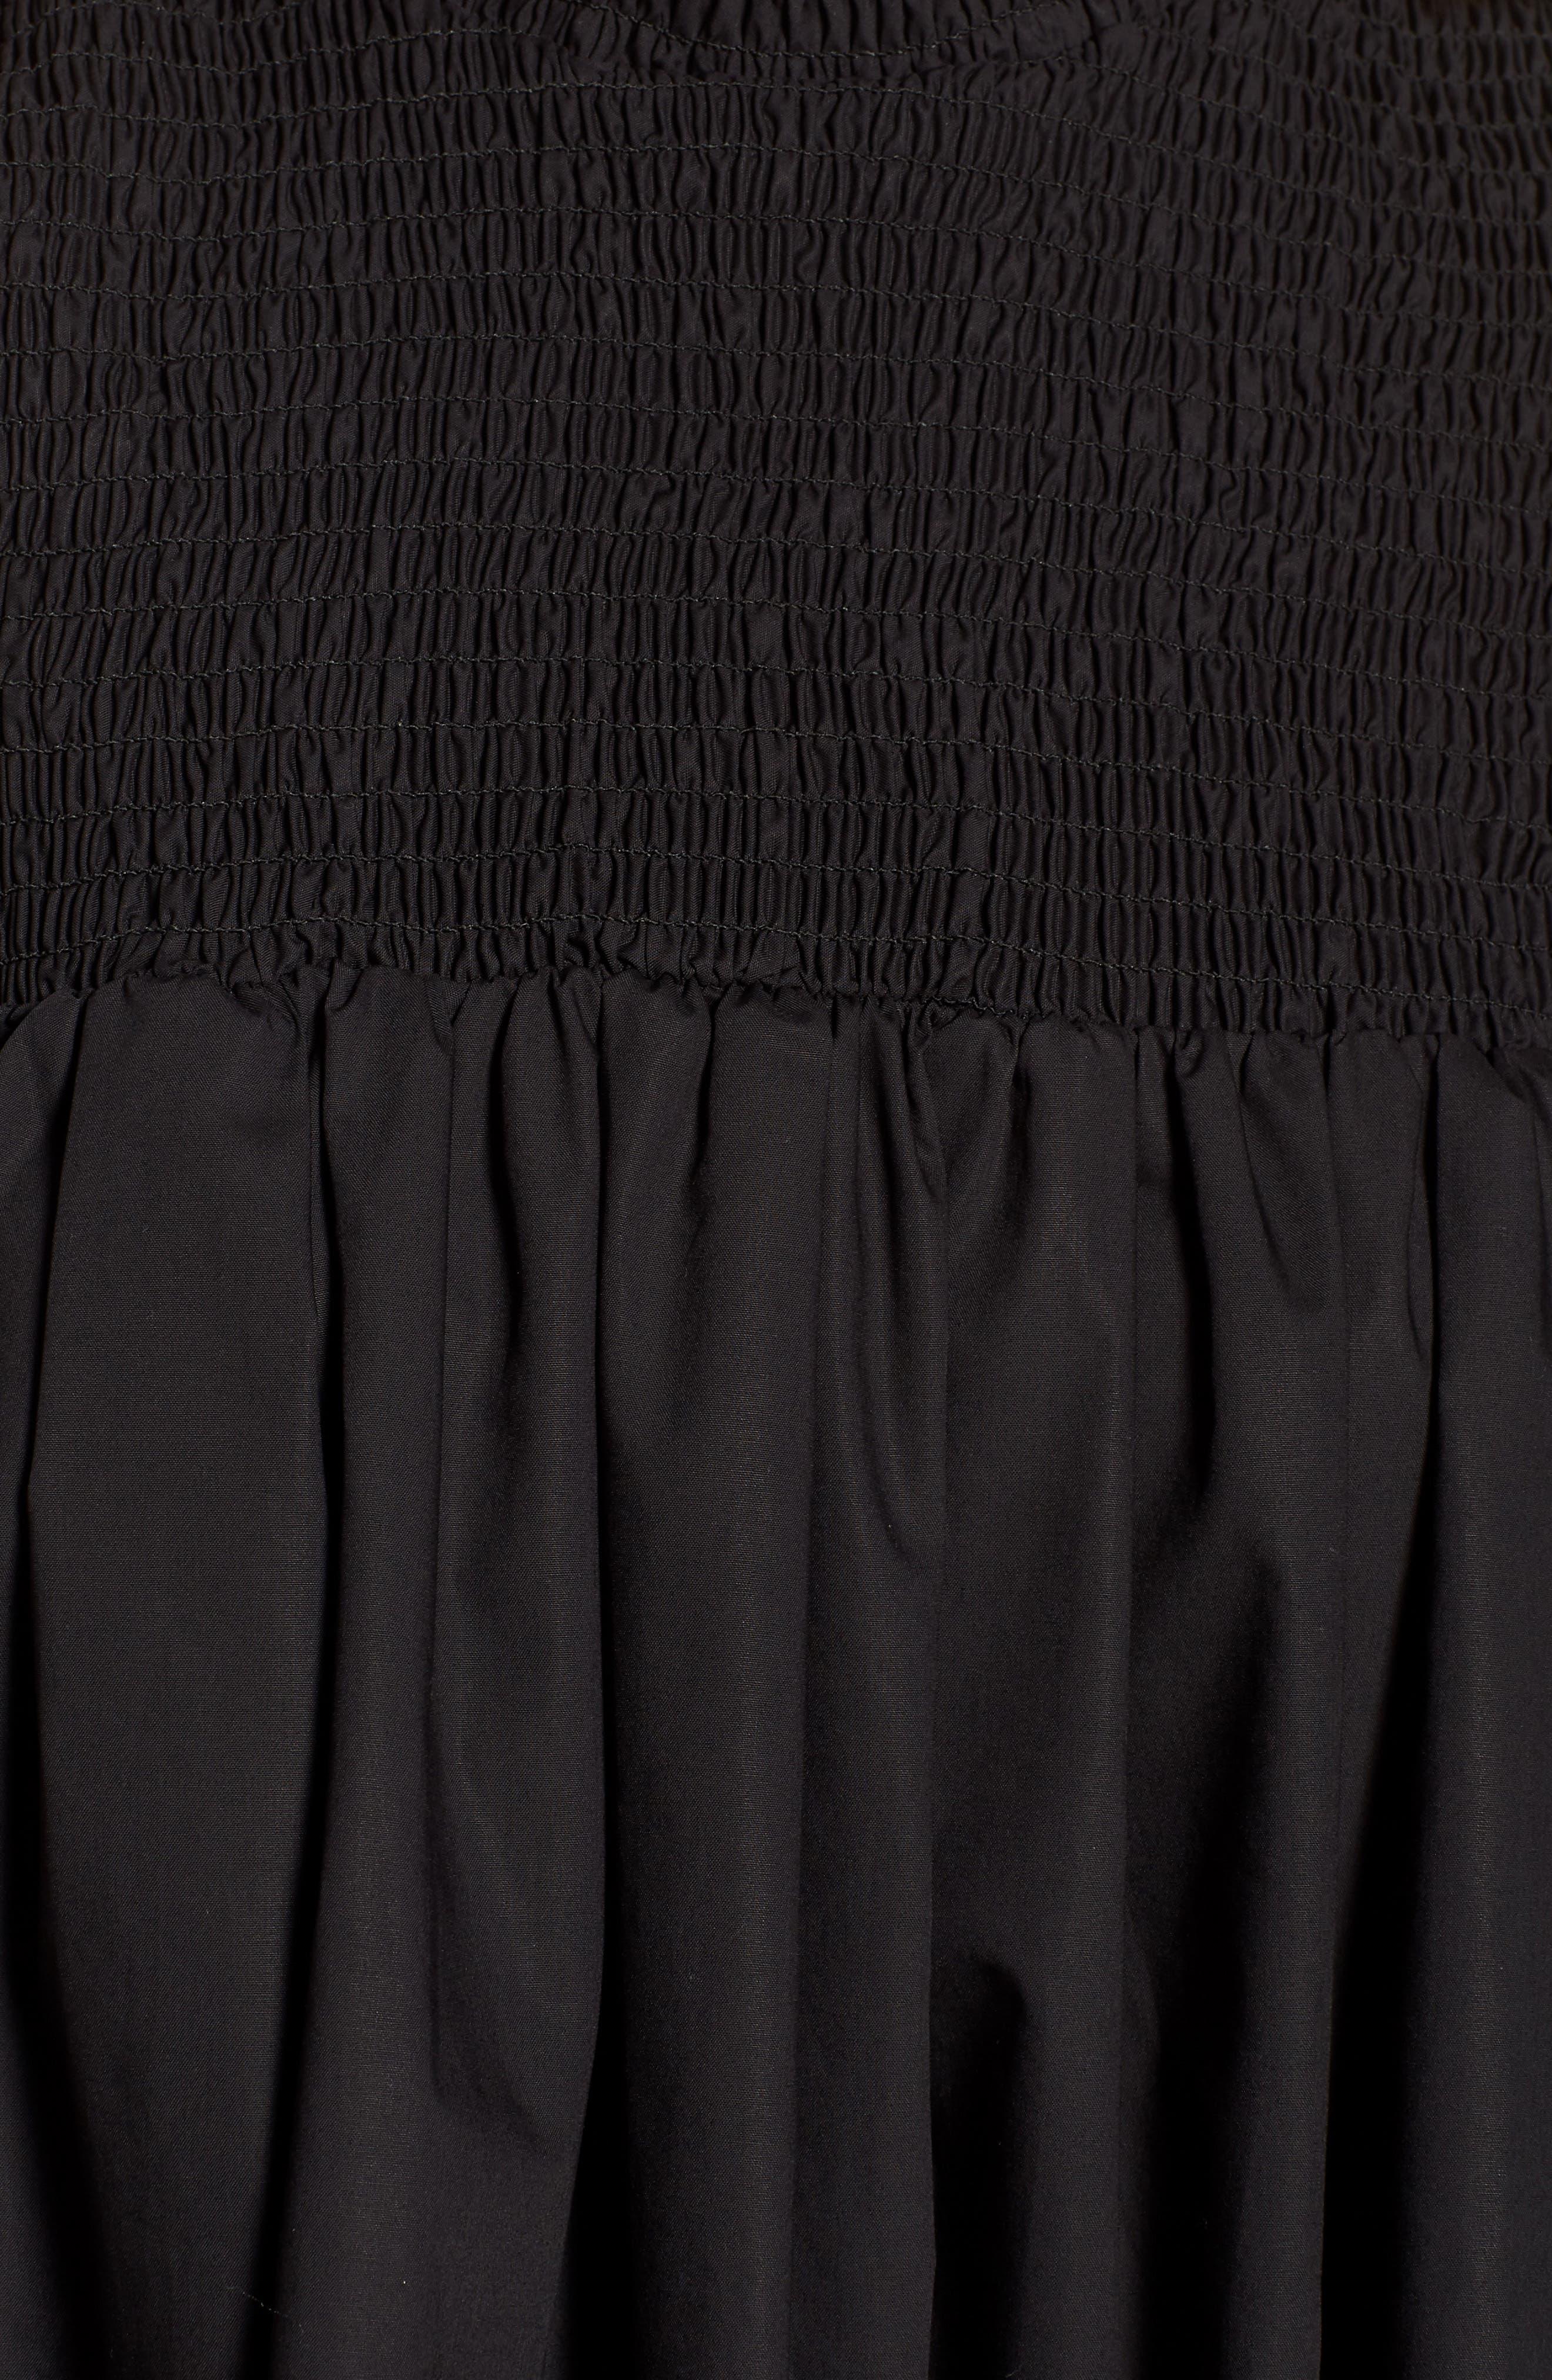 Ivy Cold Shoulder Dress,                             Alternate thumbnail 5, color,                             001